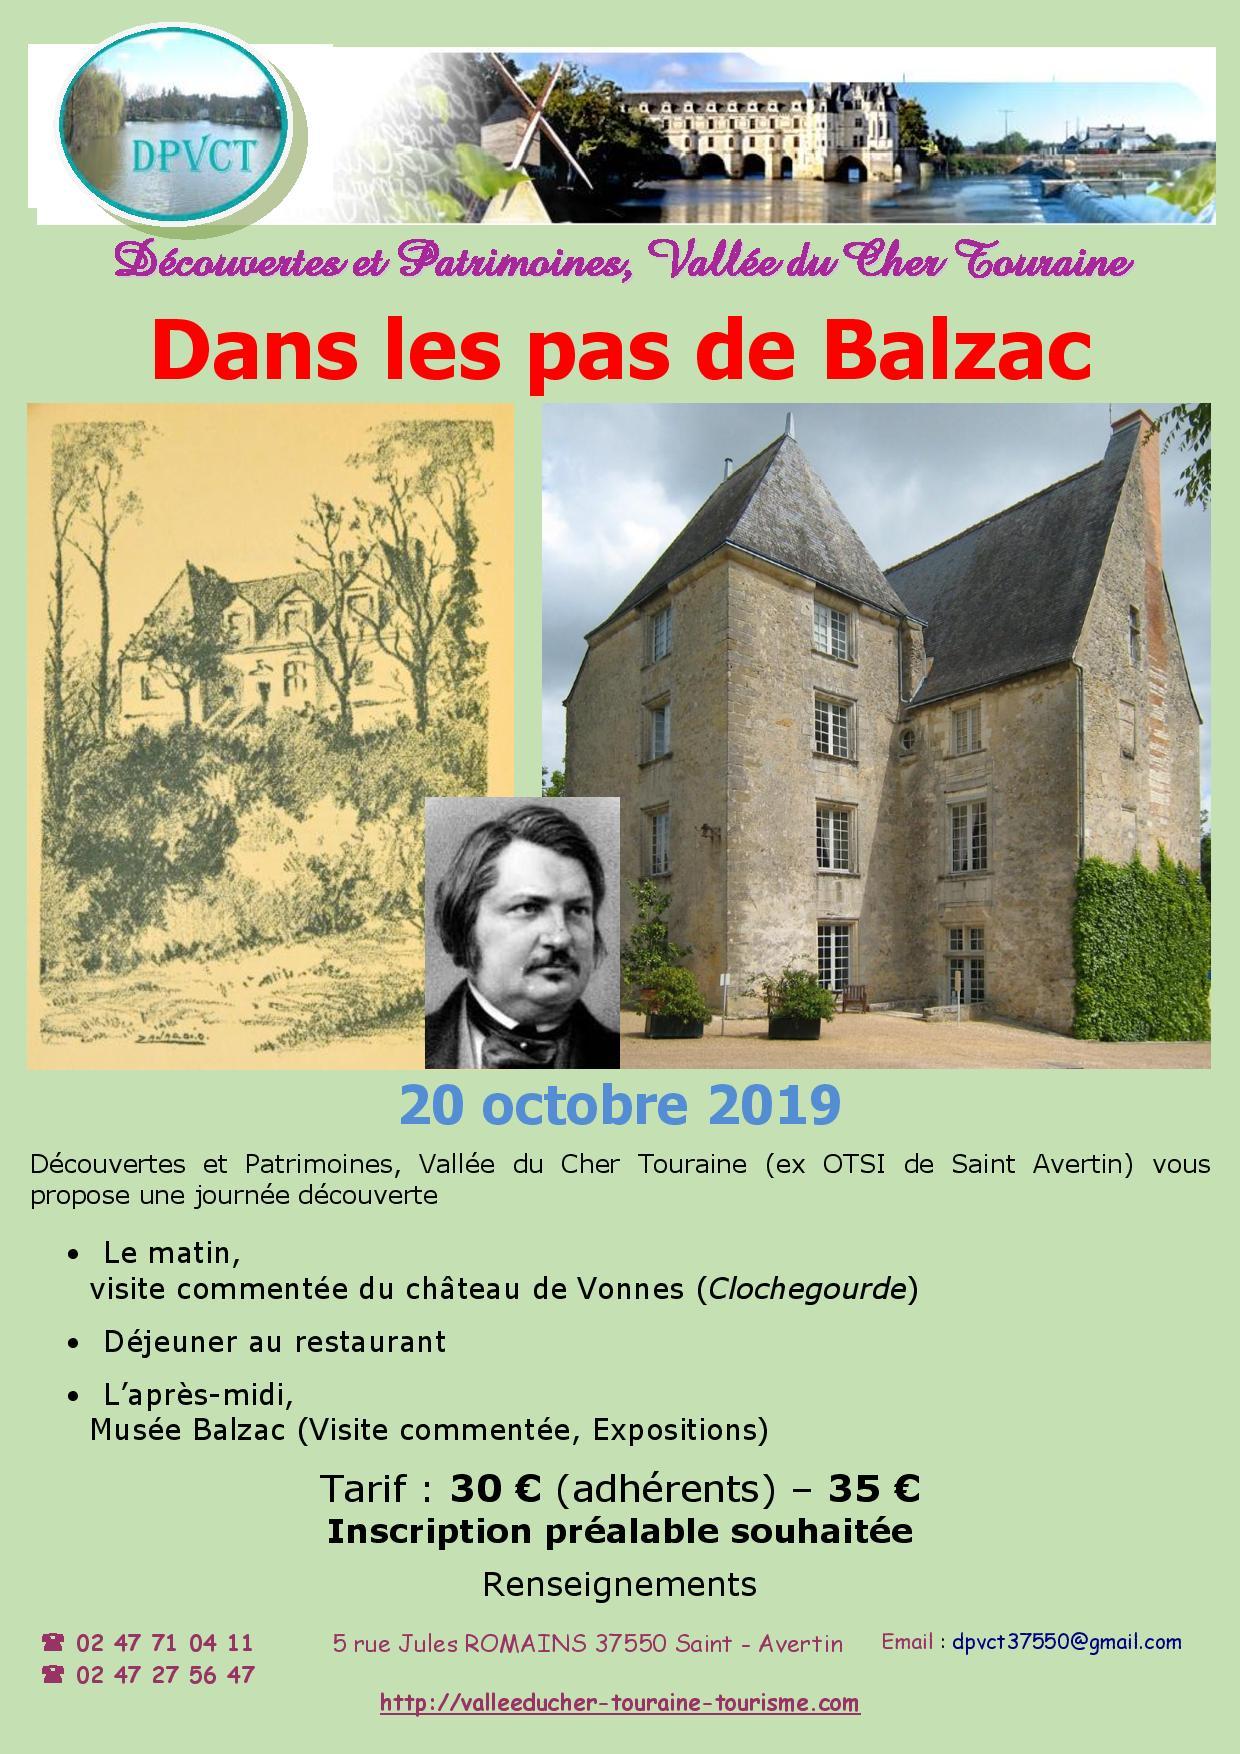 Journée Dans les pas de Balzac @ Manoir de Vonnes | Richelieu | Centre-Val de Loire | France